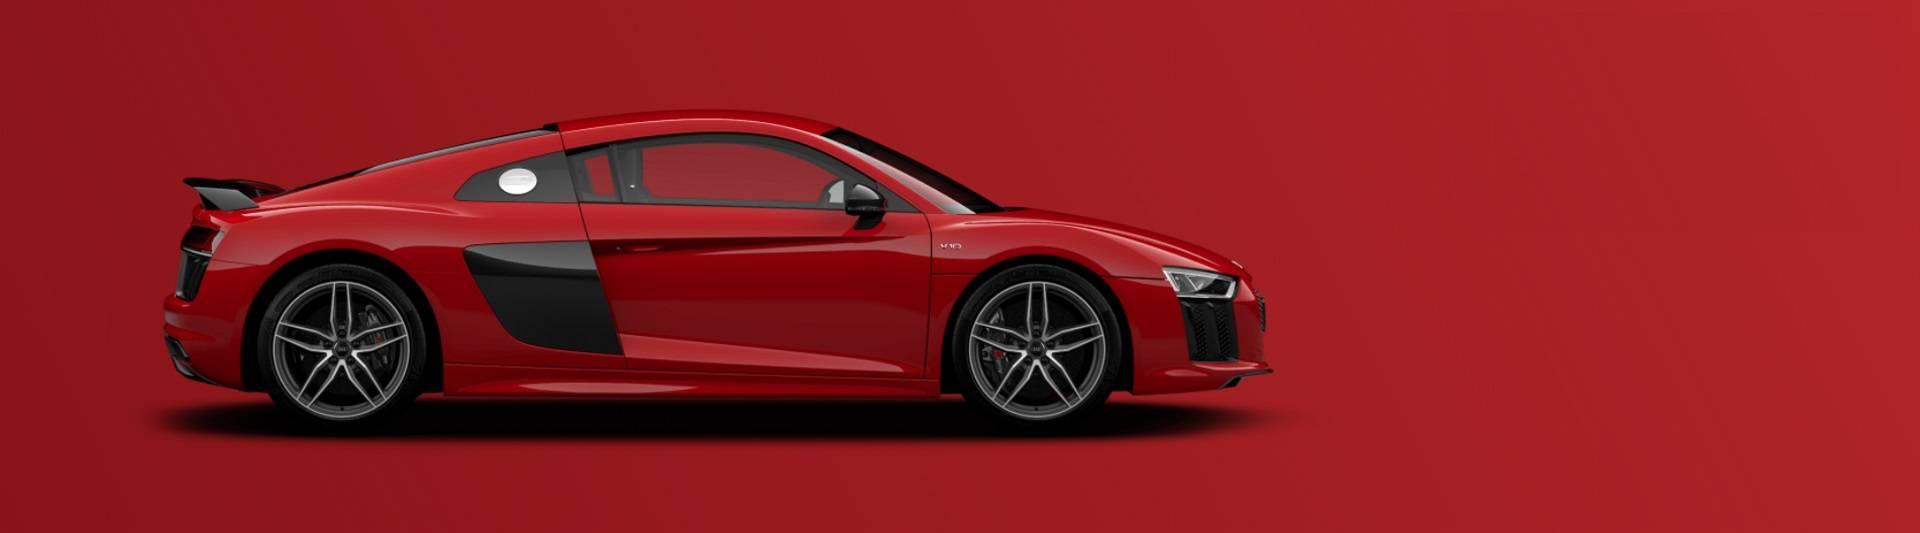 Bandeau Actualité Audi R8 V10 Coupé rouge